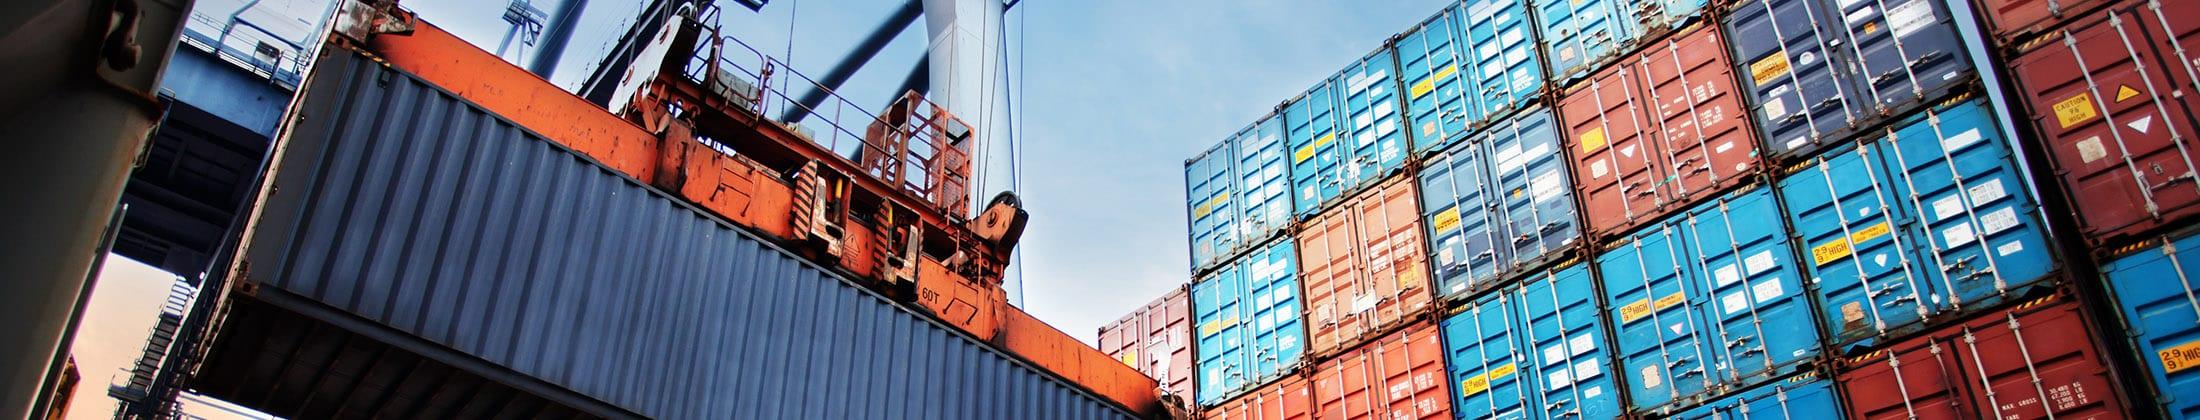 freight forwarding service ny